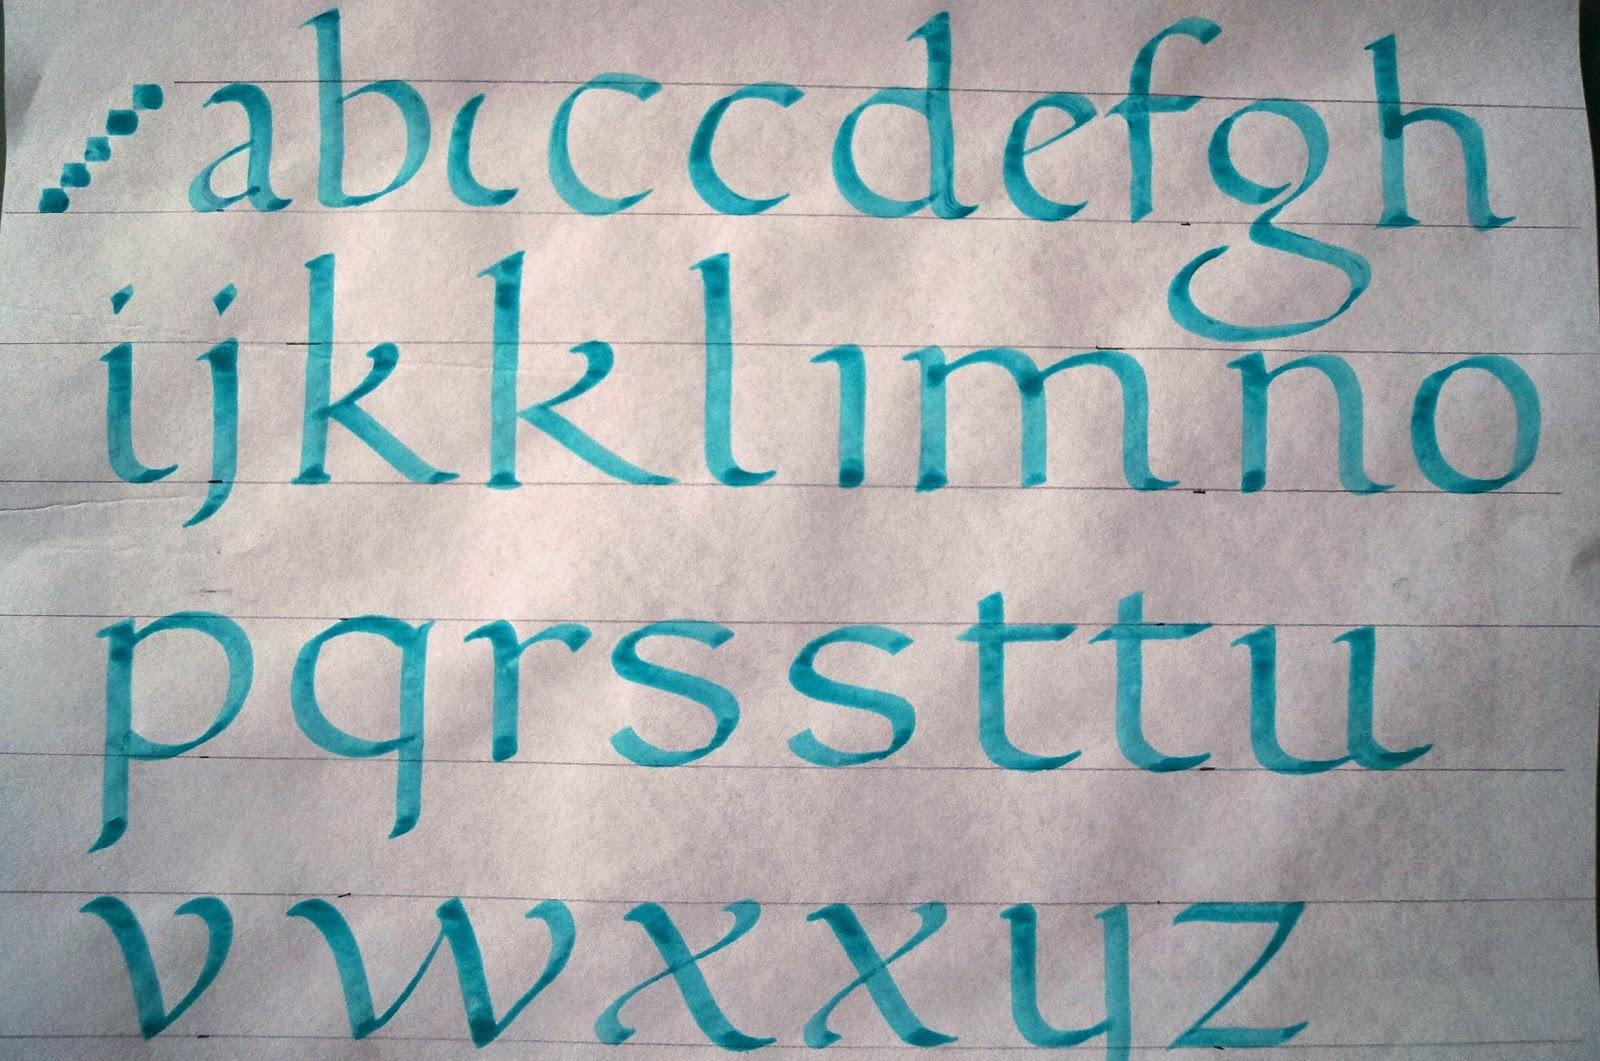 Type De Calligraphie Pour Tatouage - type de calligraphie pour tatouage GALERIE CREATION